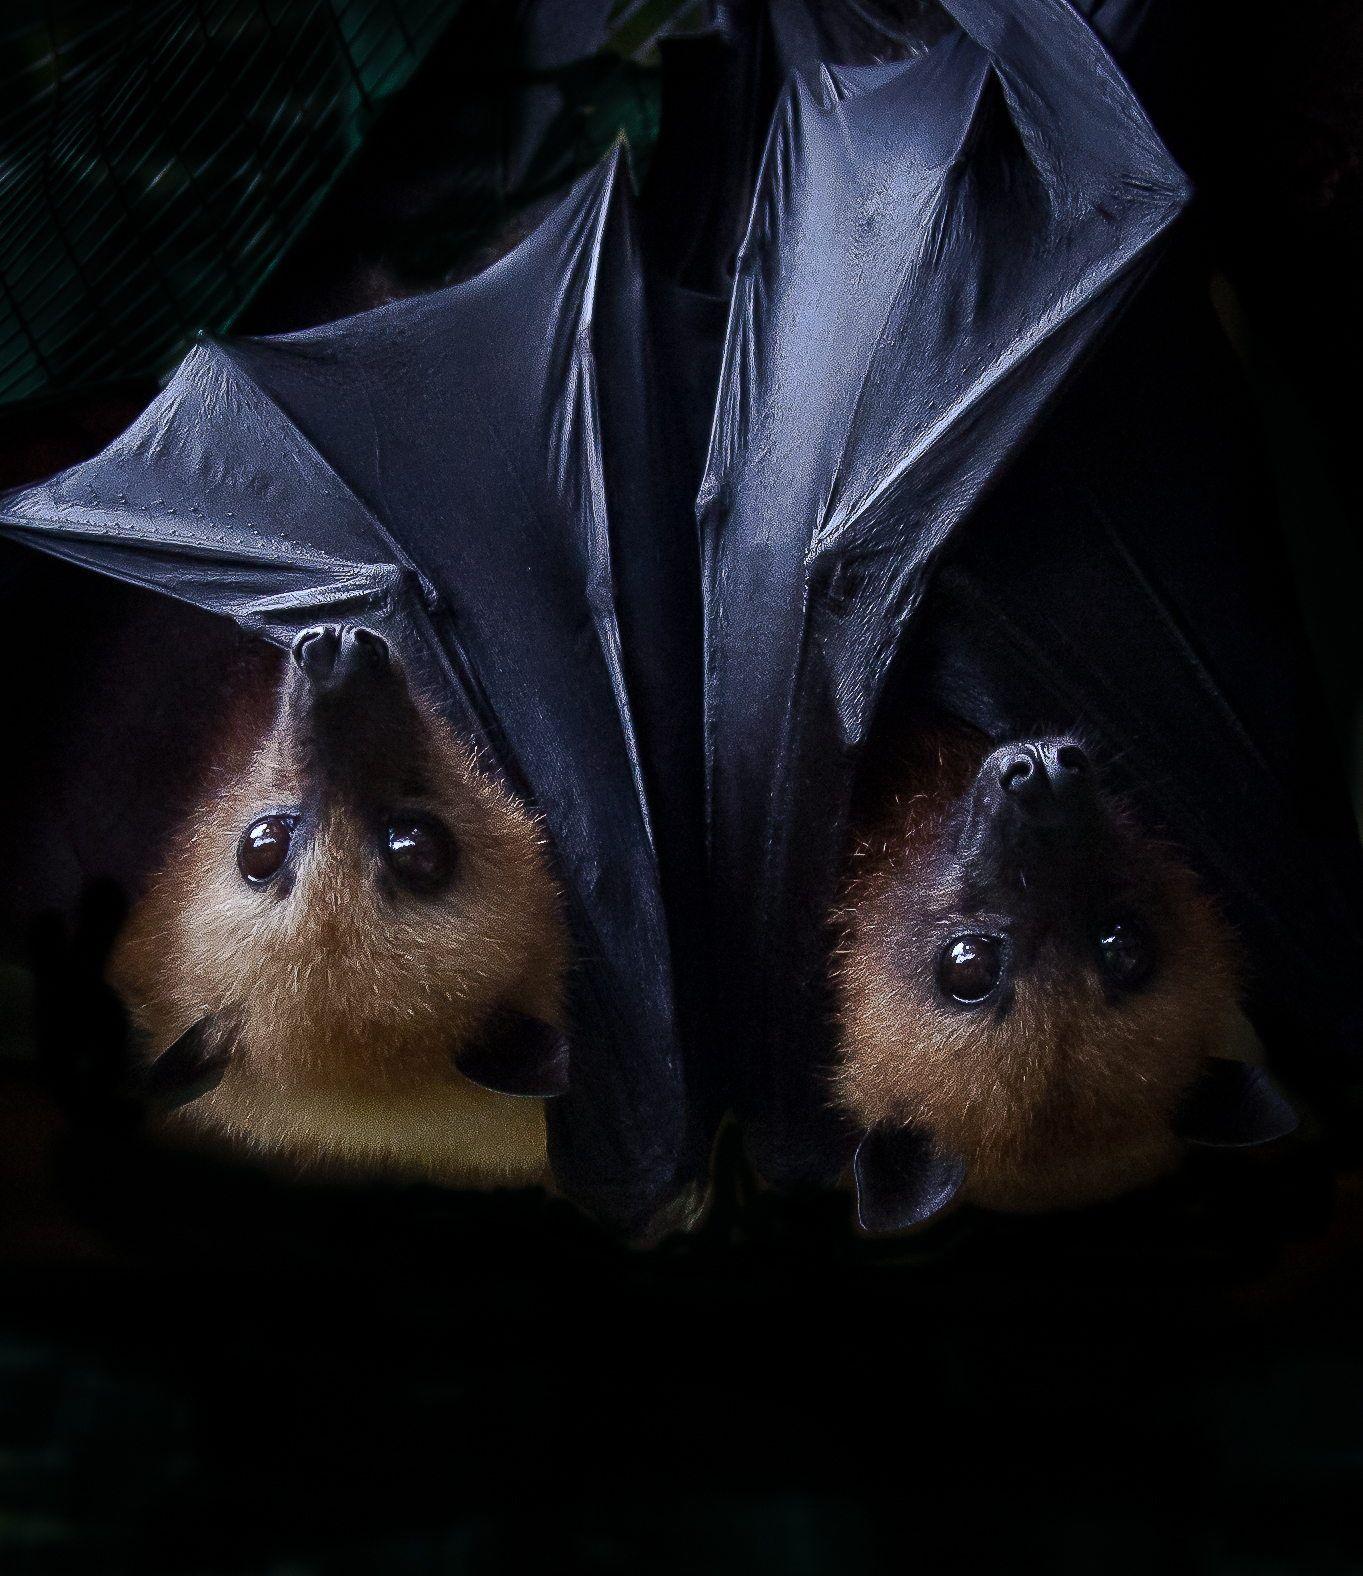 милые картинки с летучими мышами помню один